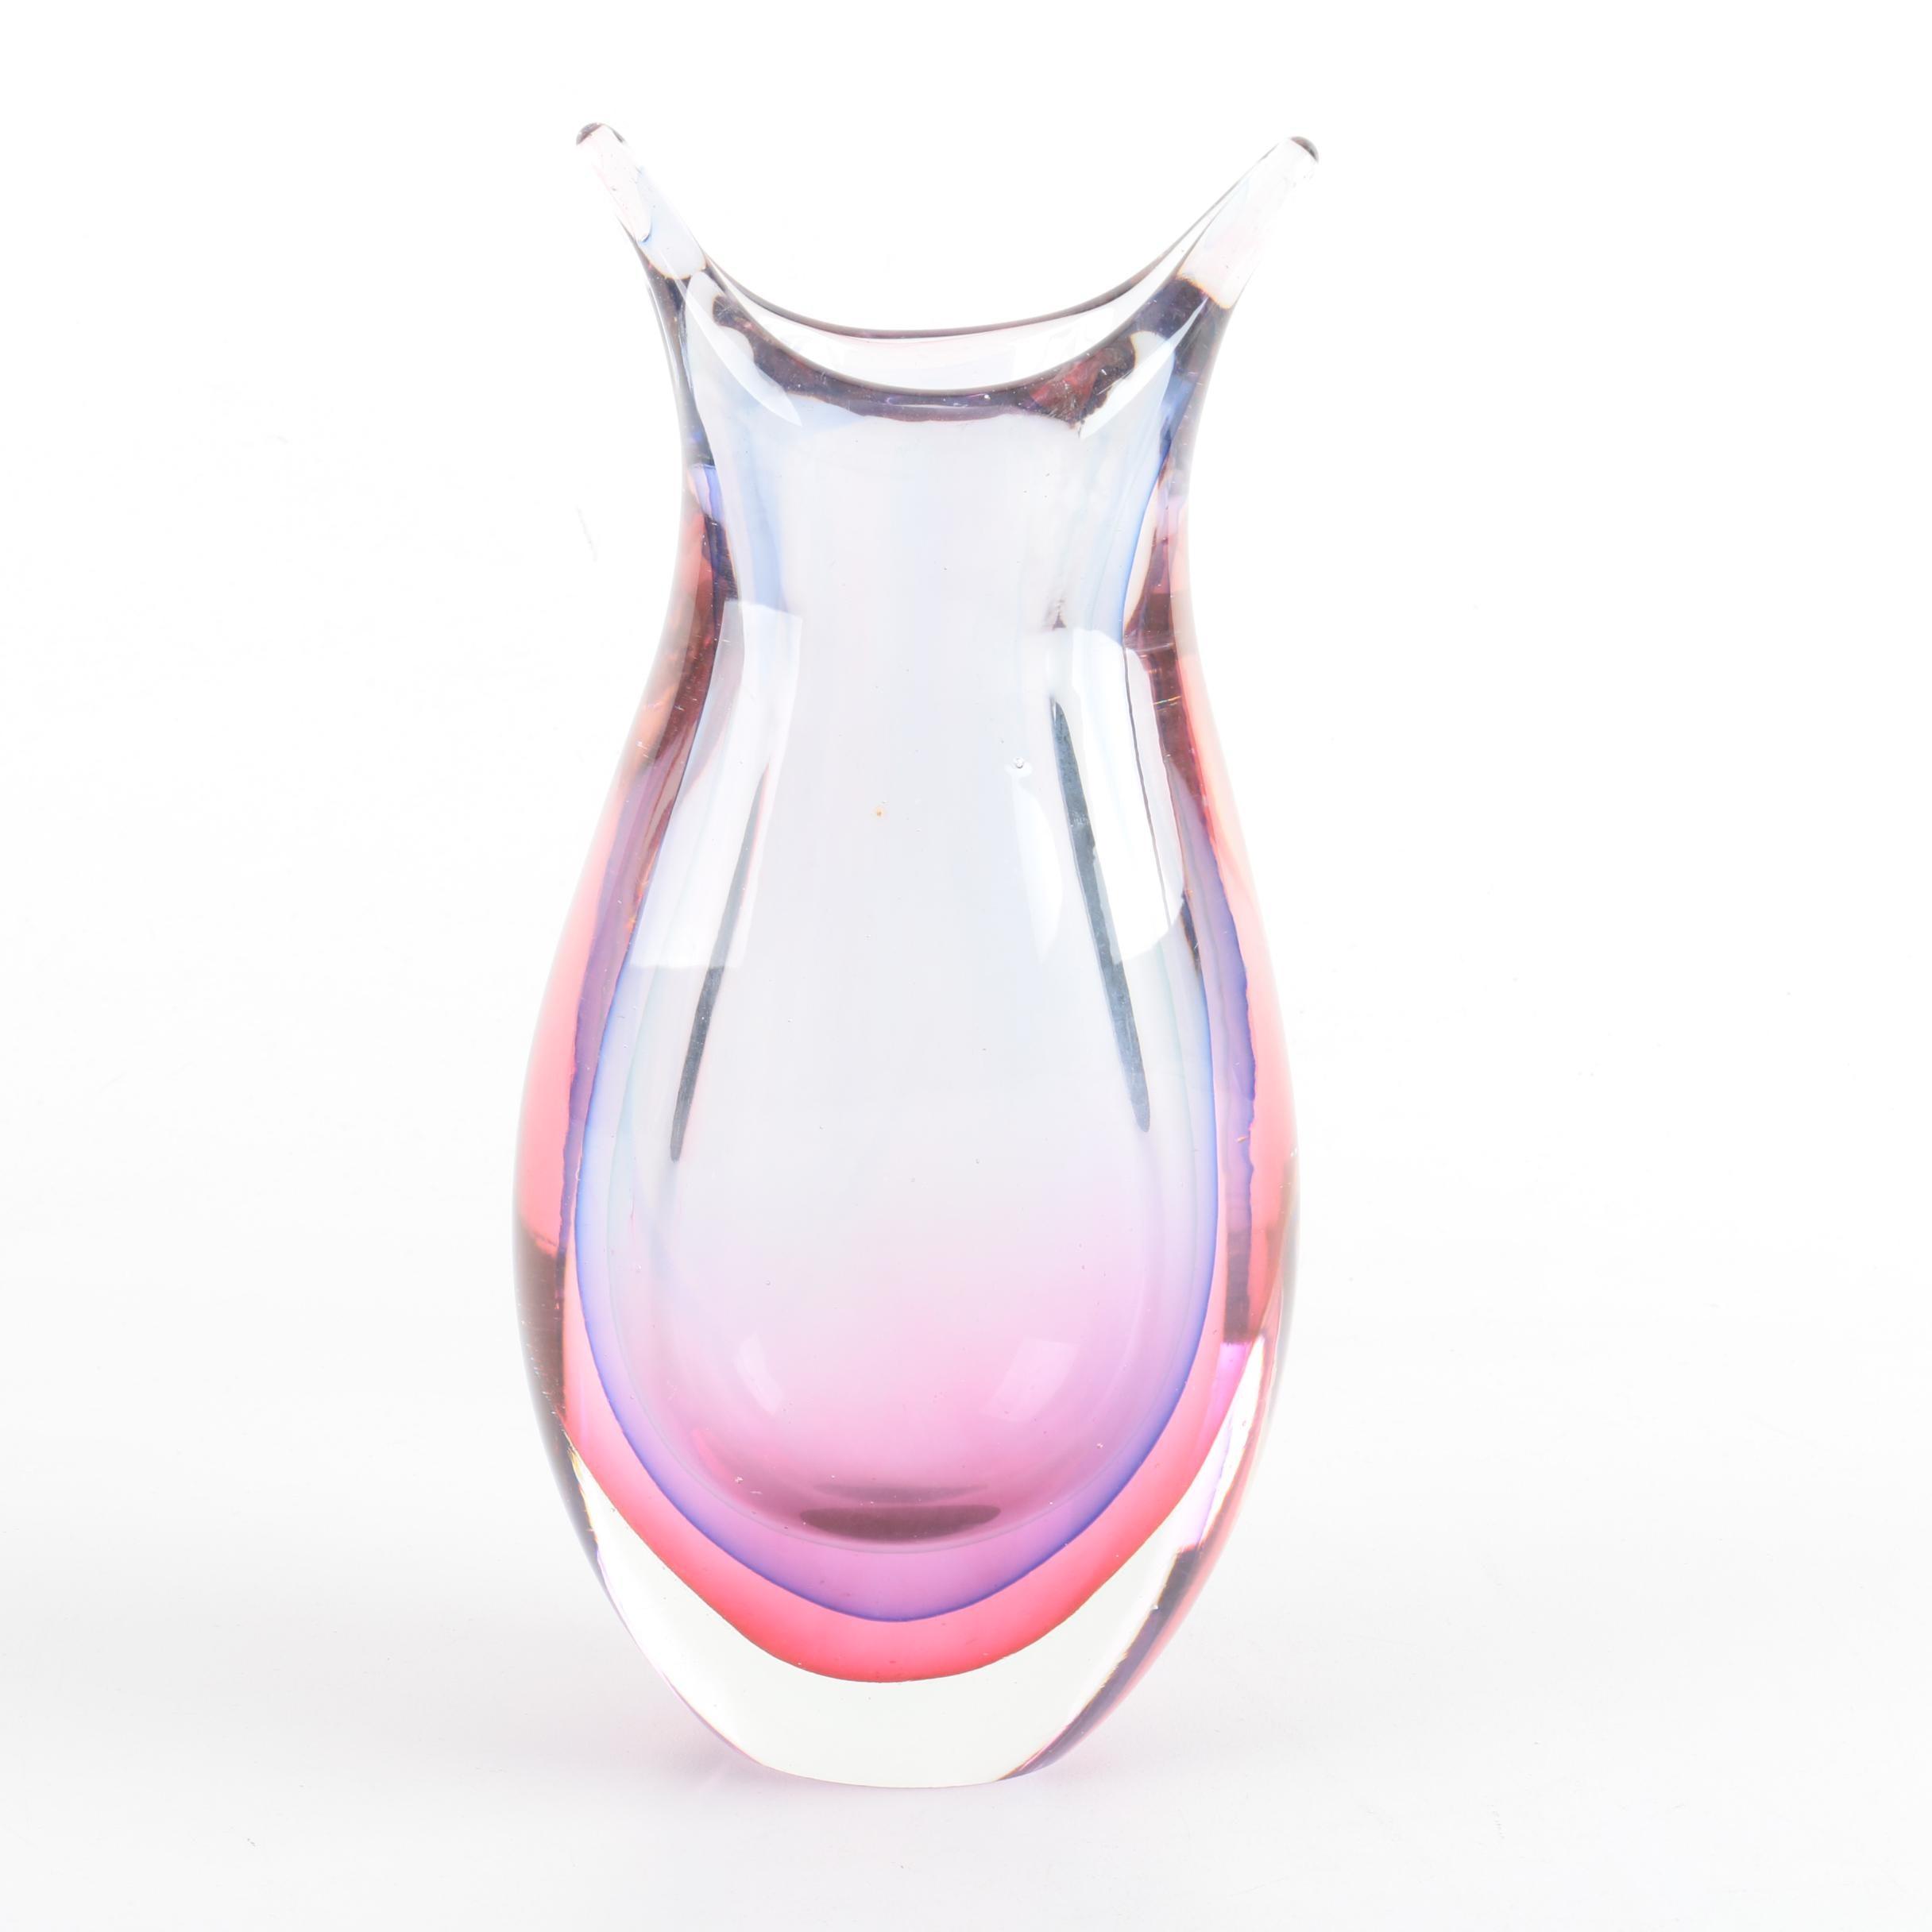 Sommerso Murano Style Art Glass Vase